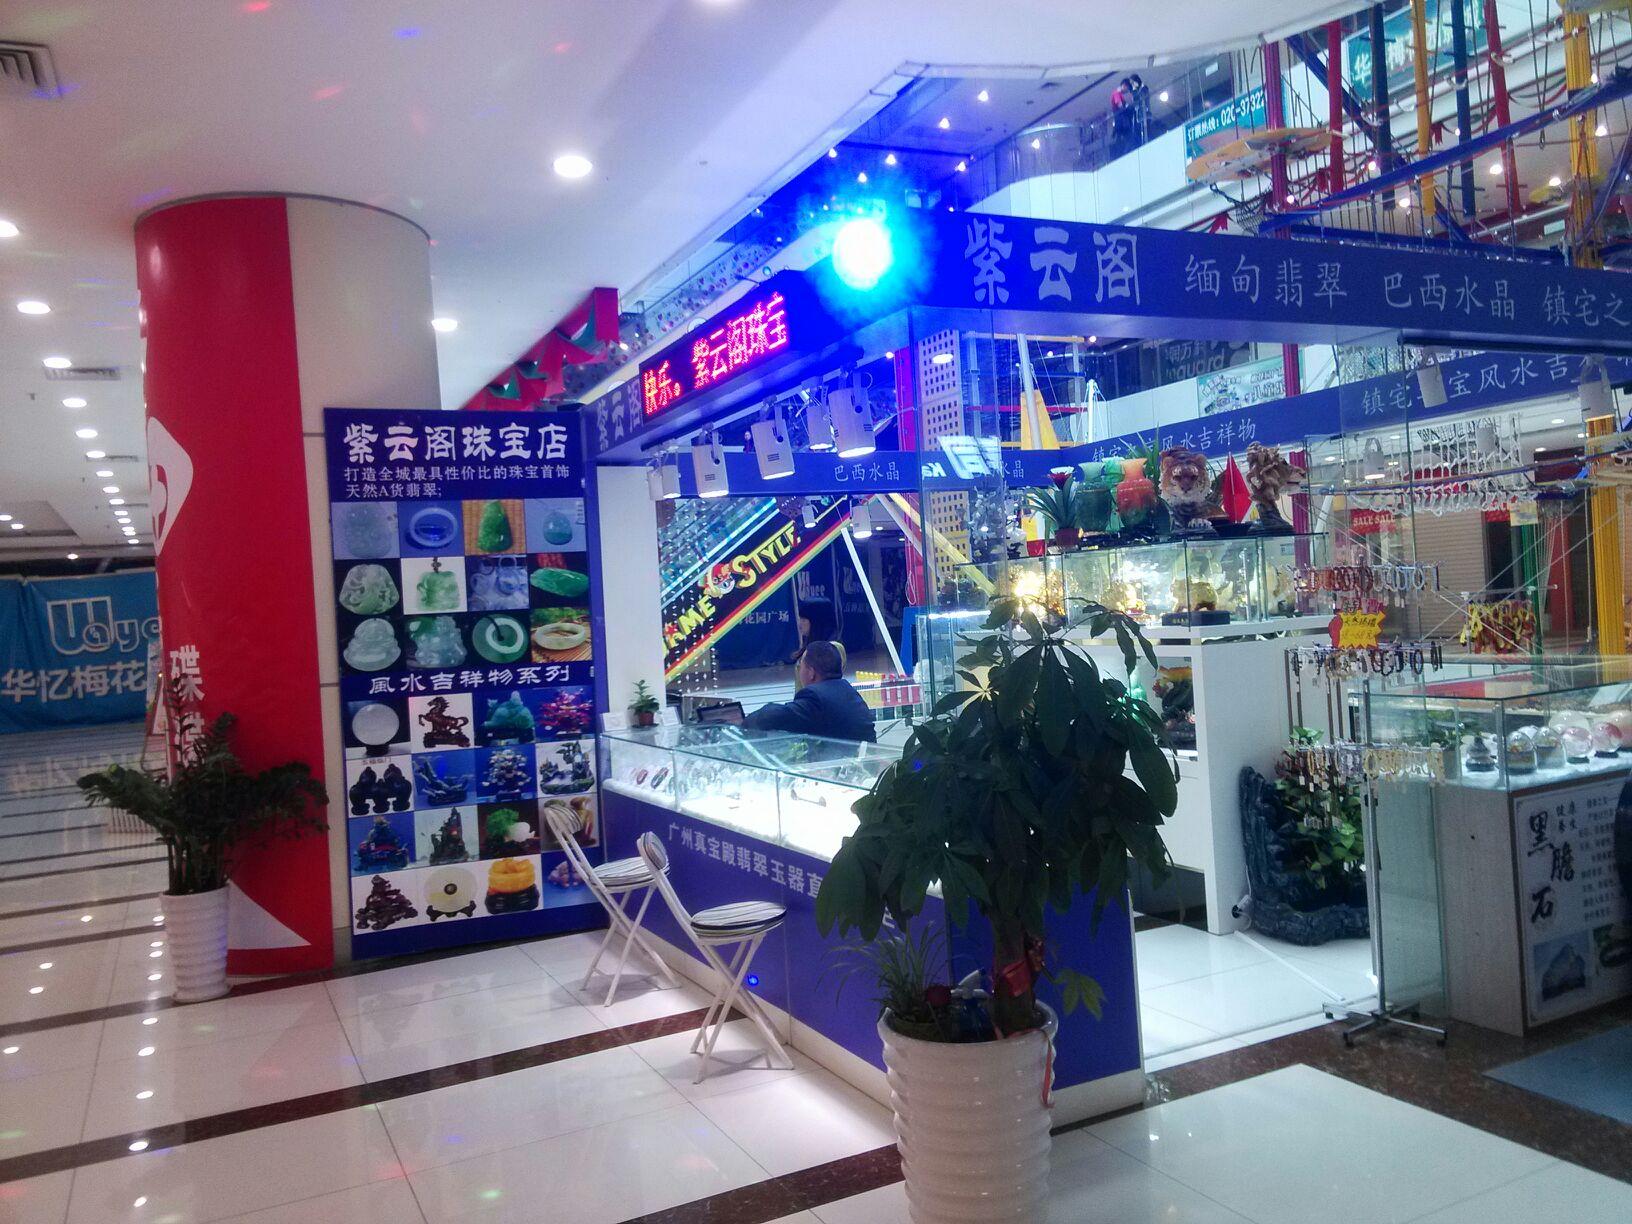 梅花园电影院_广州市白云区白云大道北梅花园28号梅花园商业广场1层